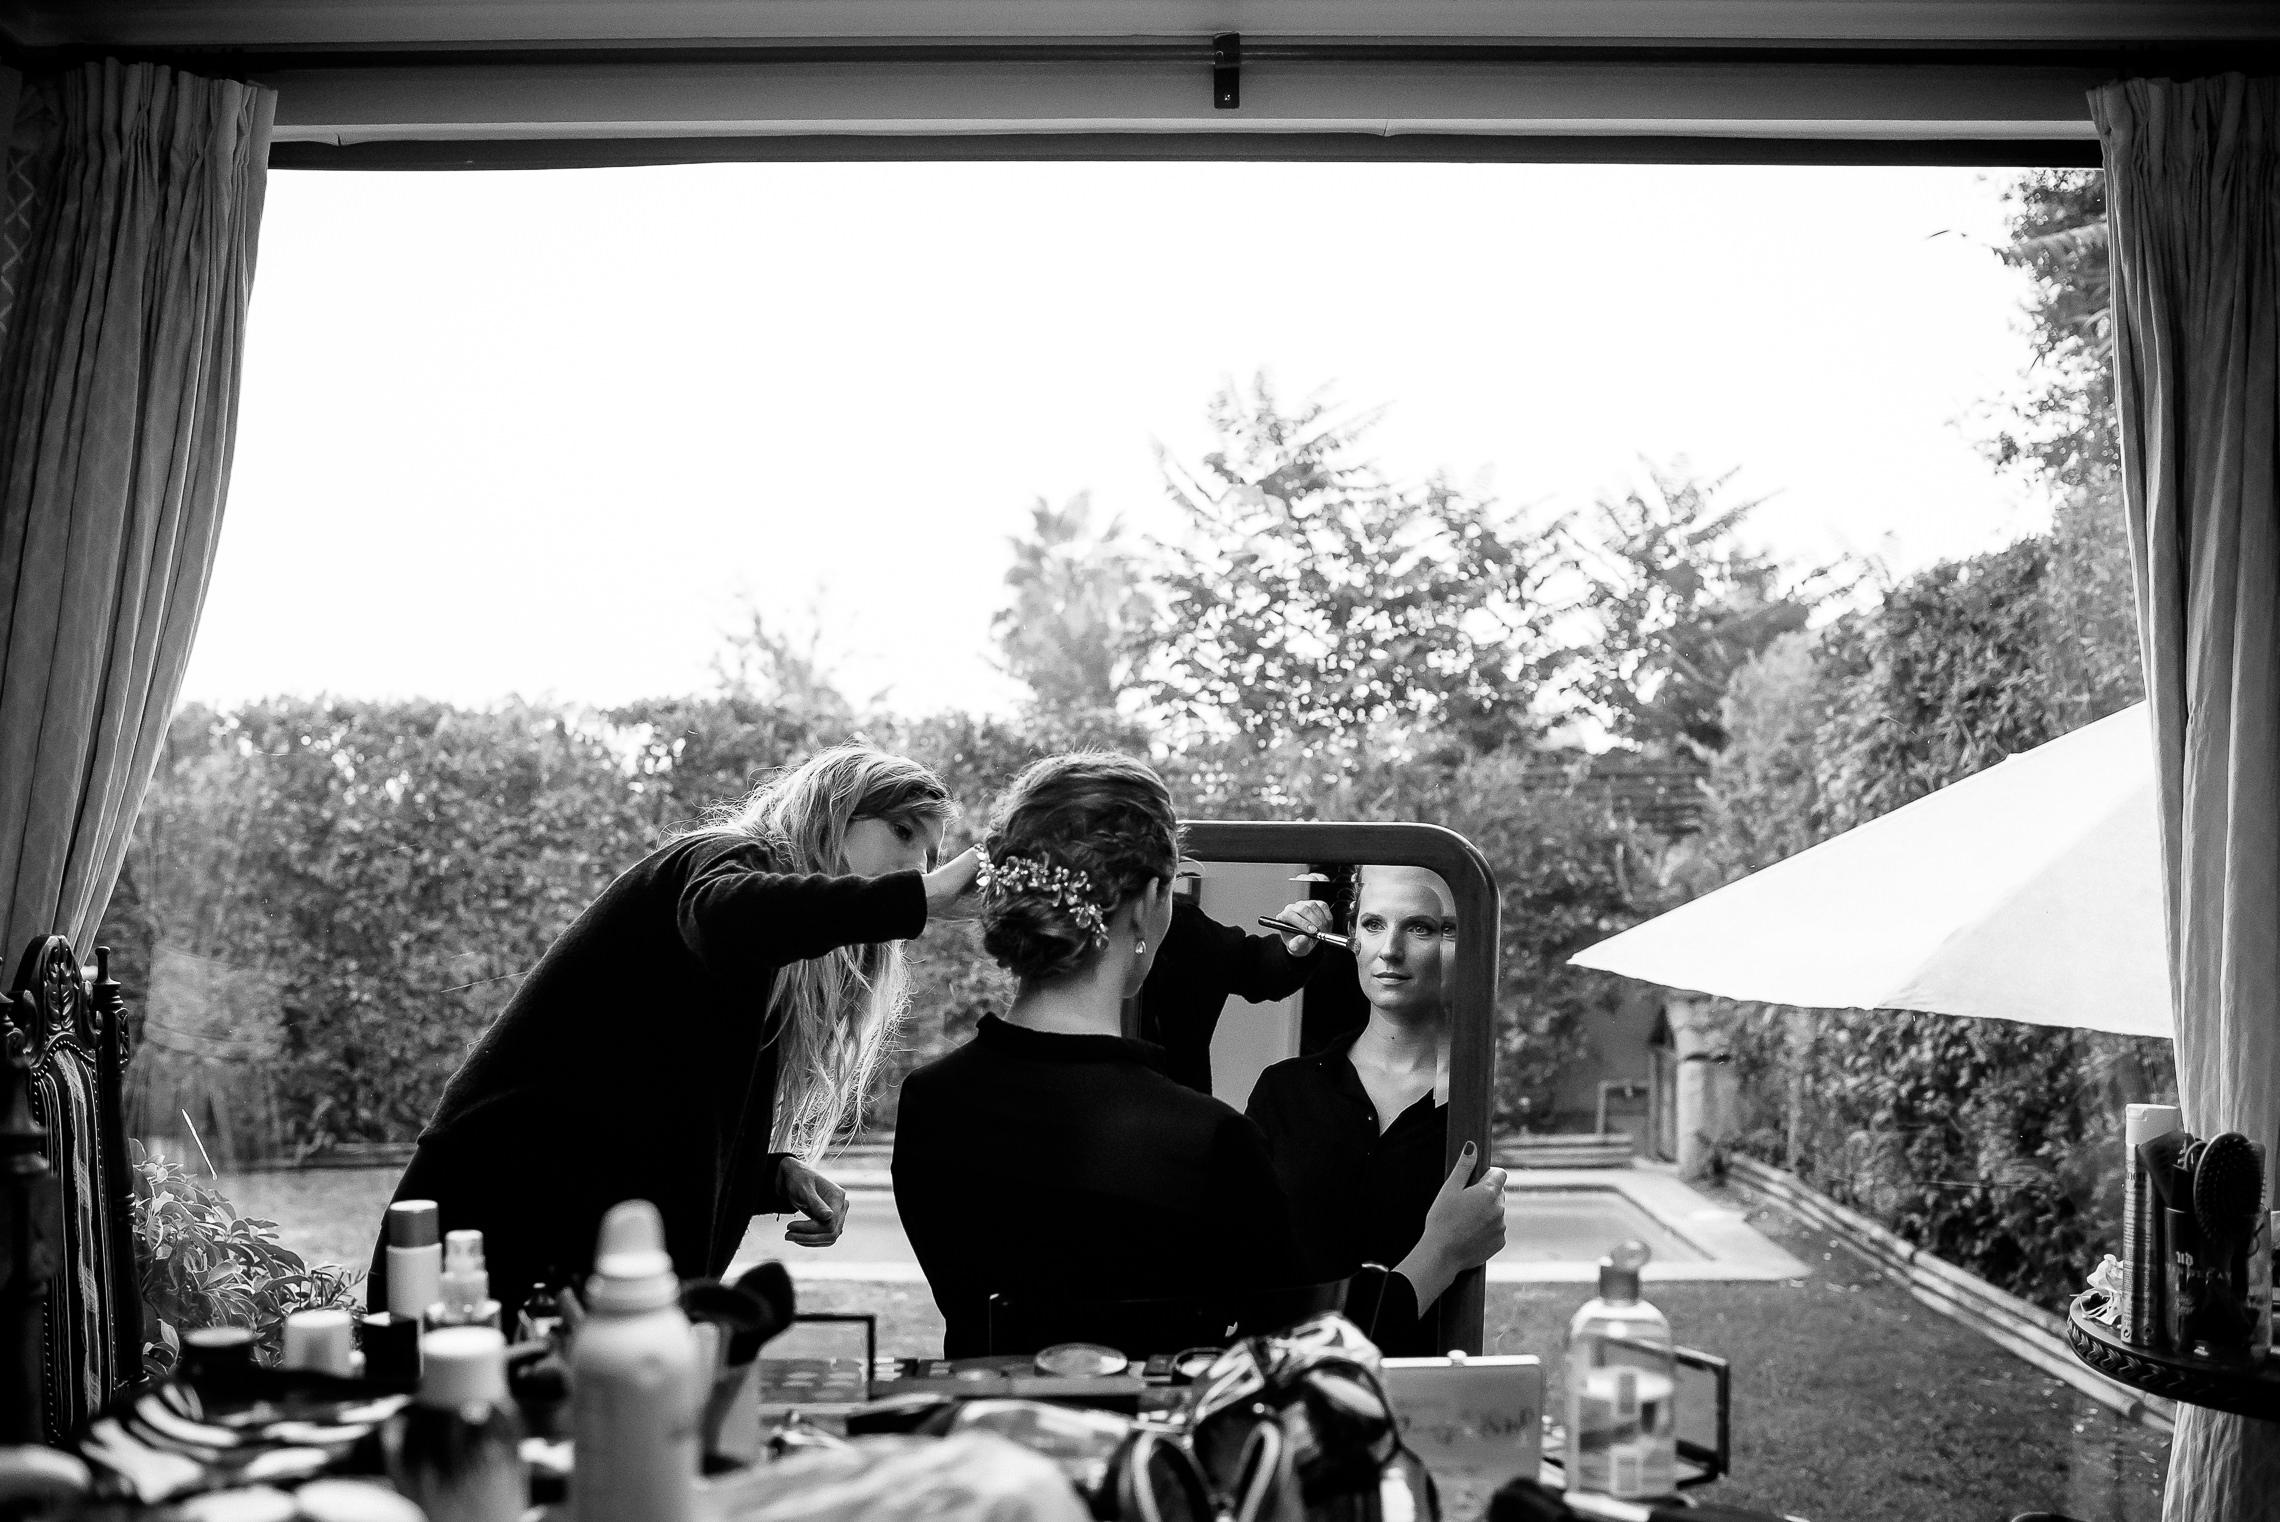 matrimonio-rhonda-banqueteria-bosque-luz-centro-de-eventos-ciudad-empresarial-deborah-dantzoff-fotografia